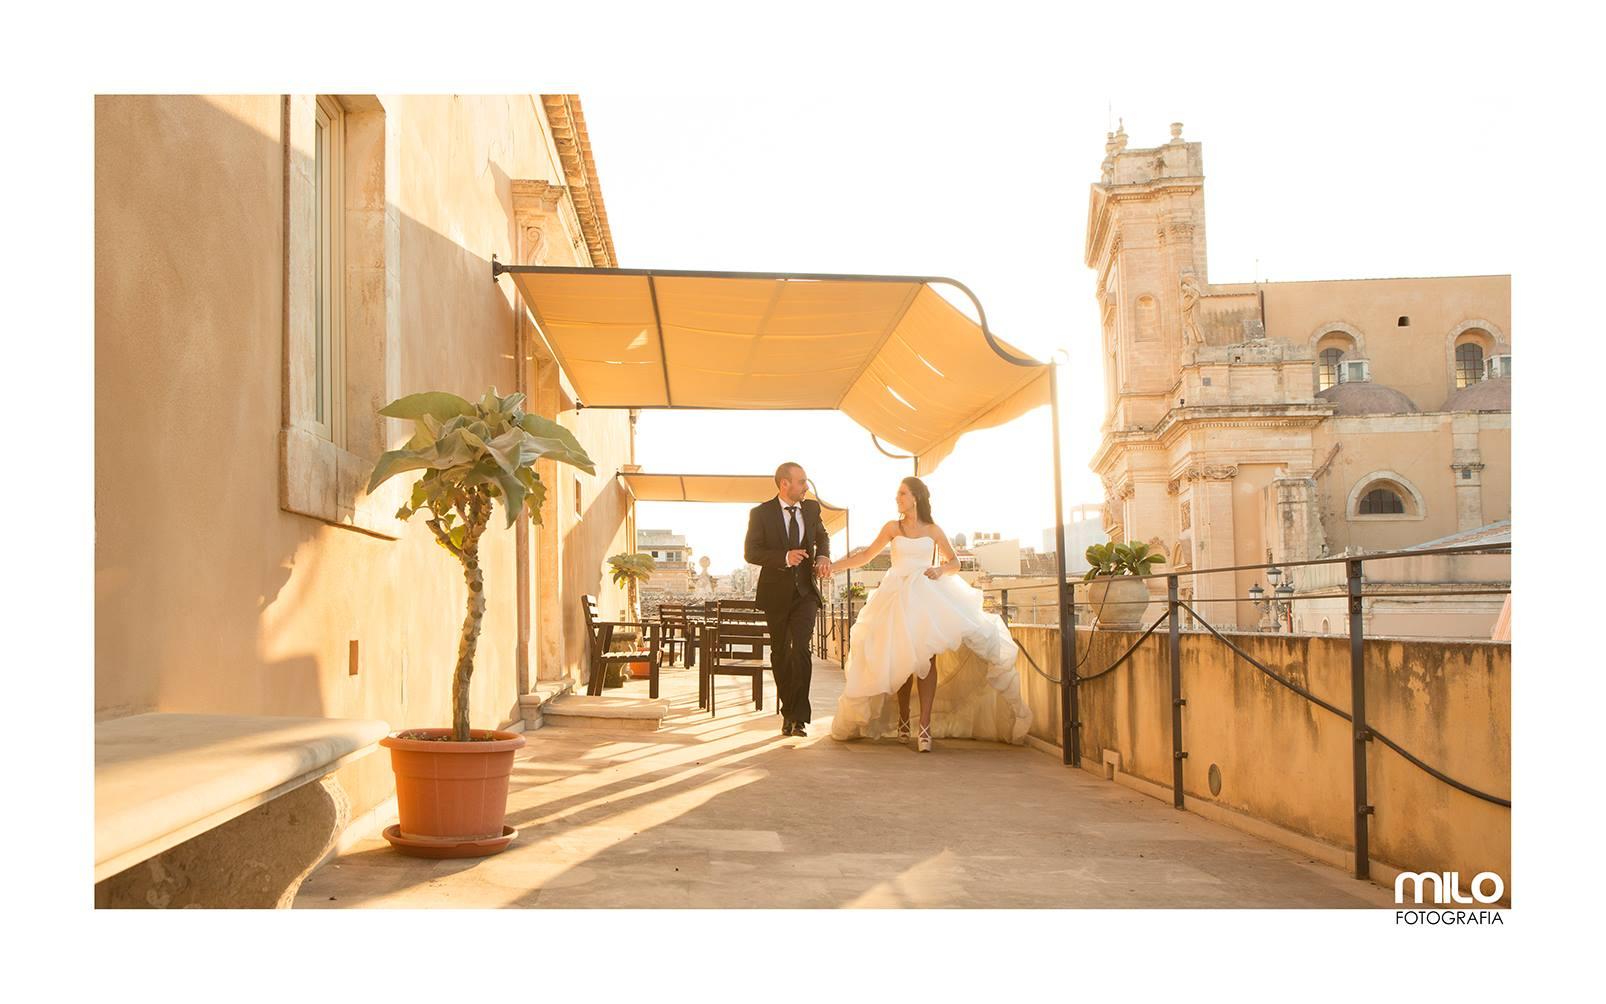 uno sposo e una sposa per mano sotto una tenda